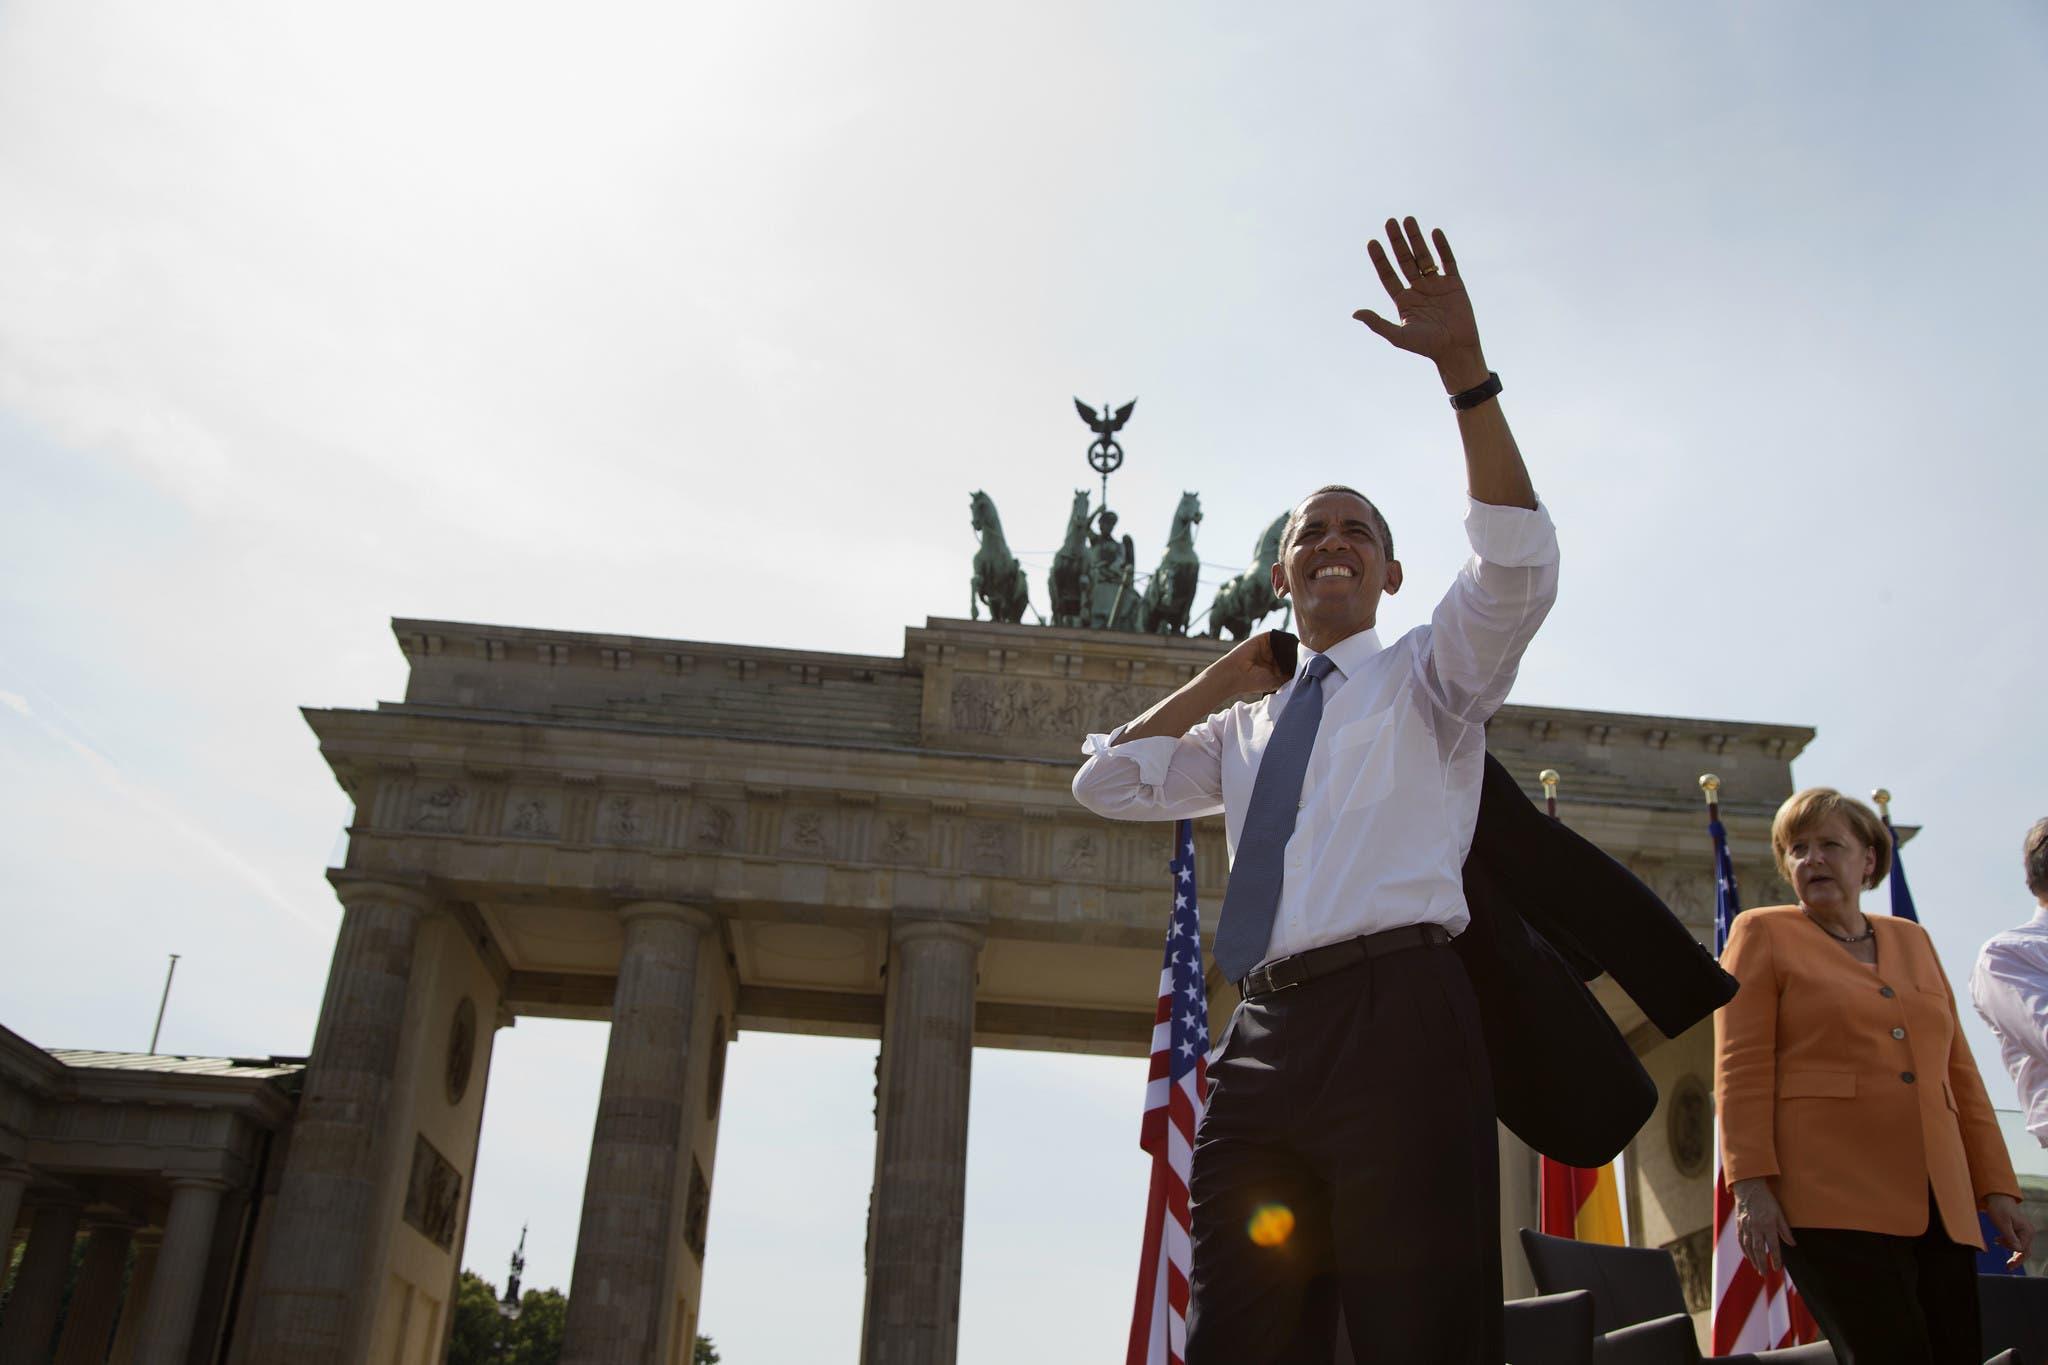 Obama estará en conferencia protestante en Berlín